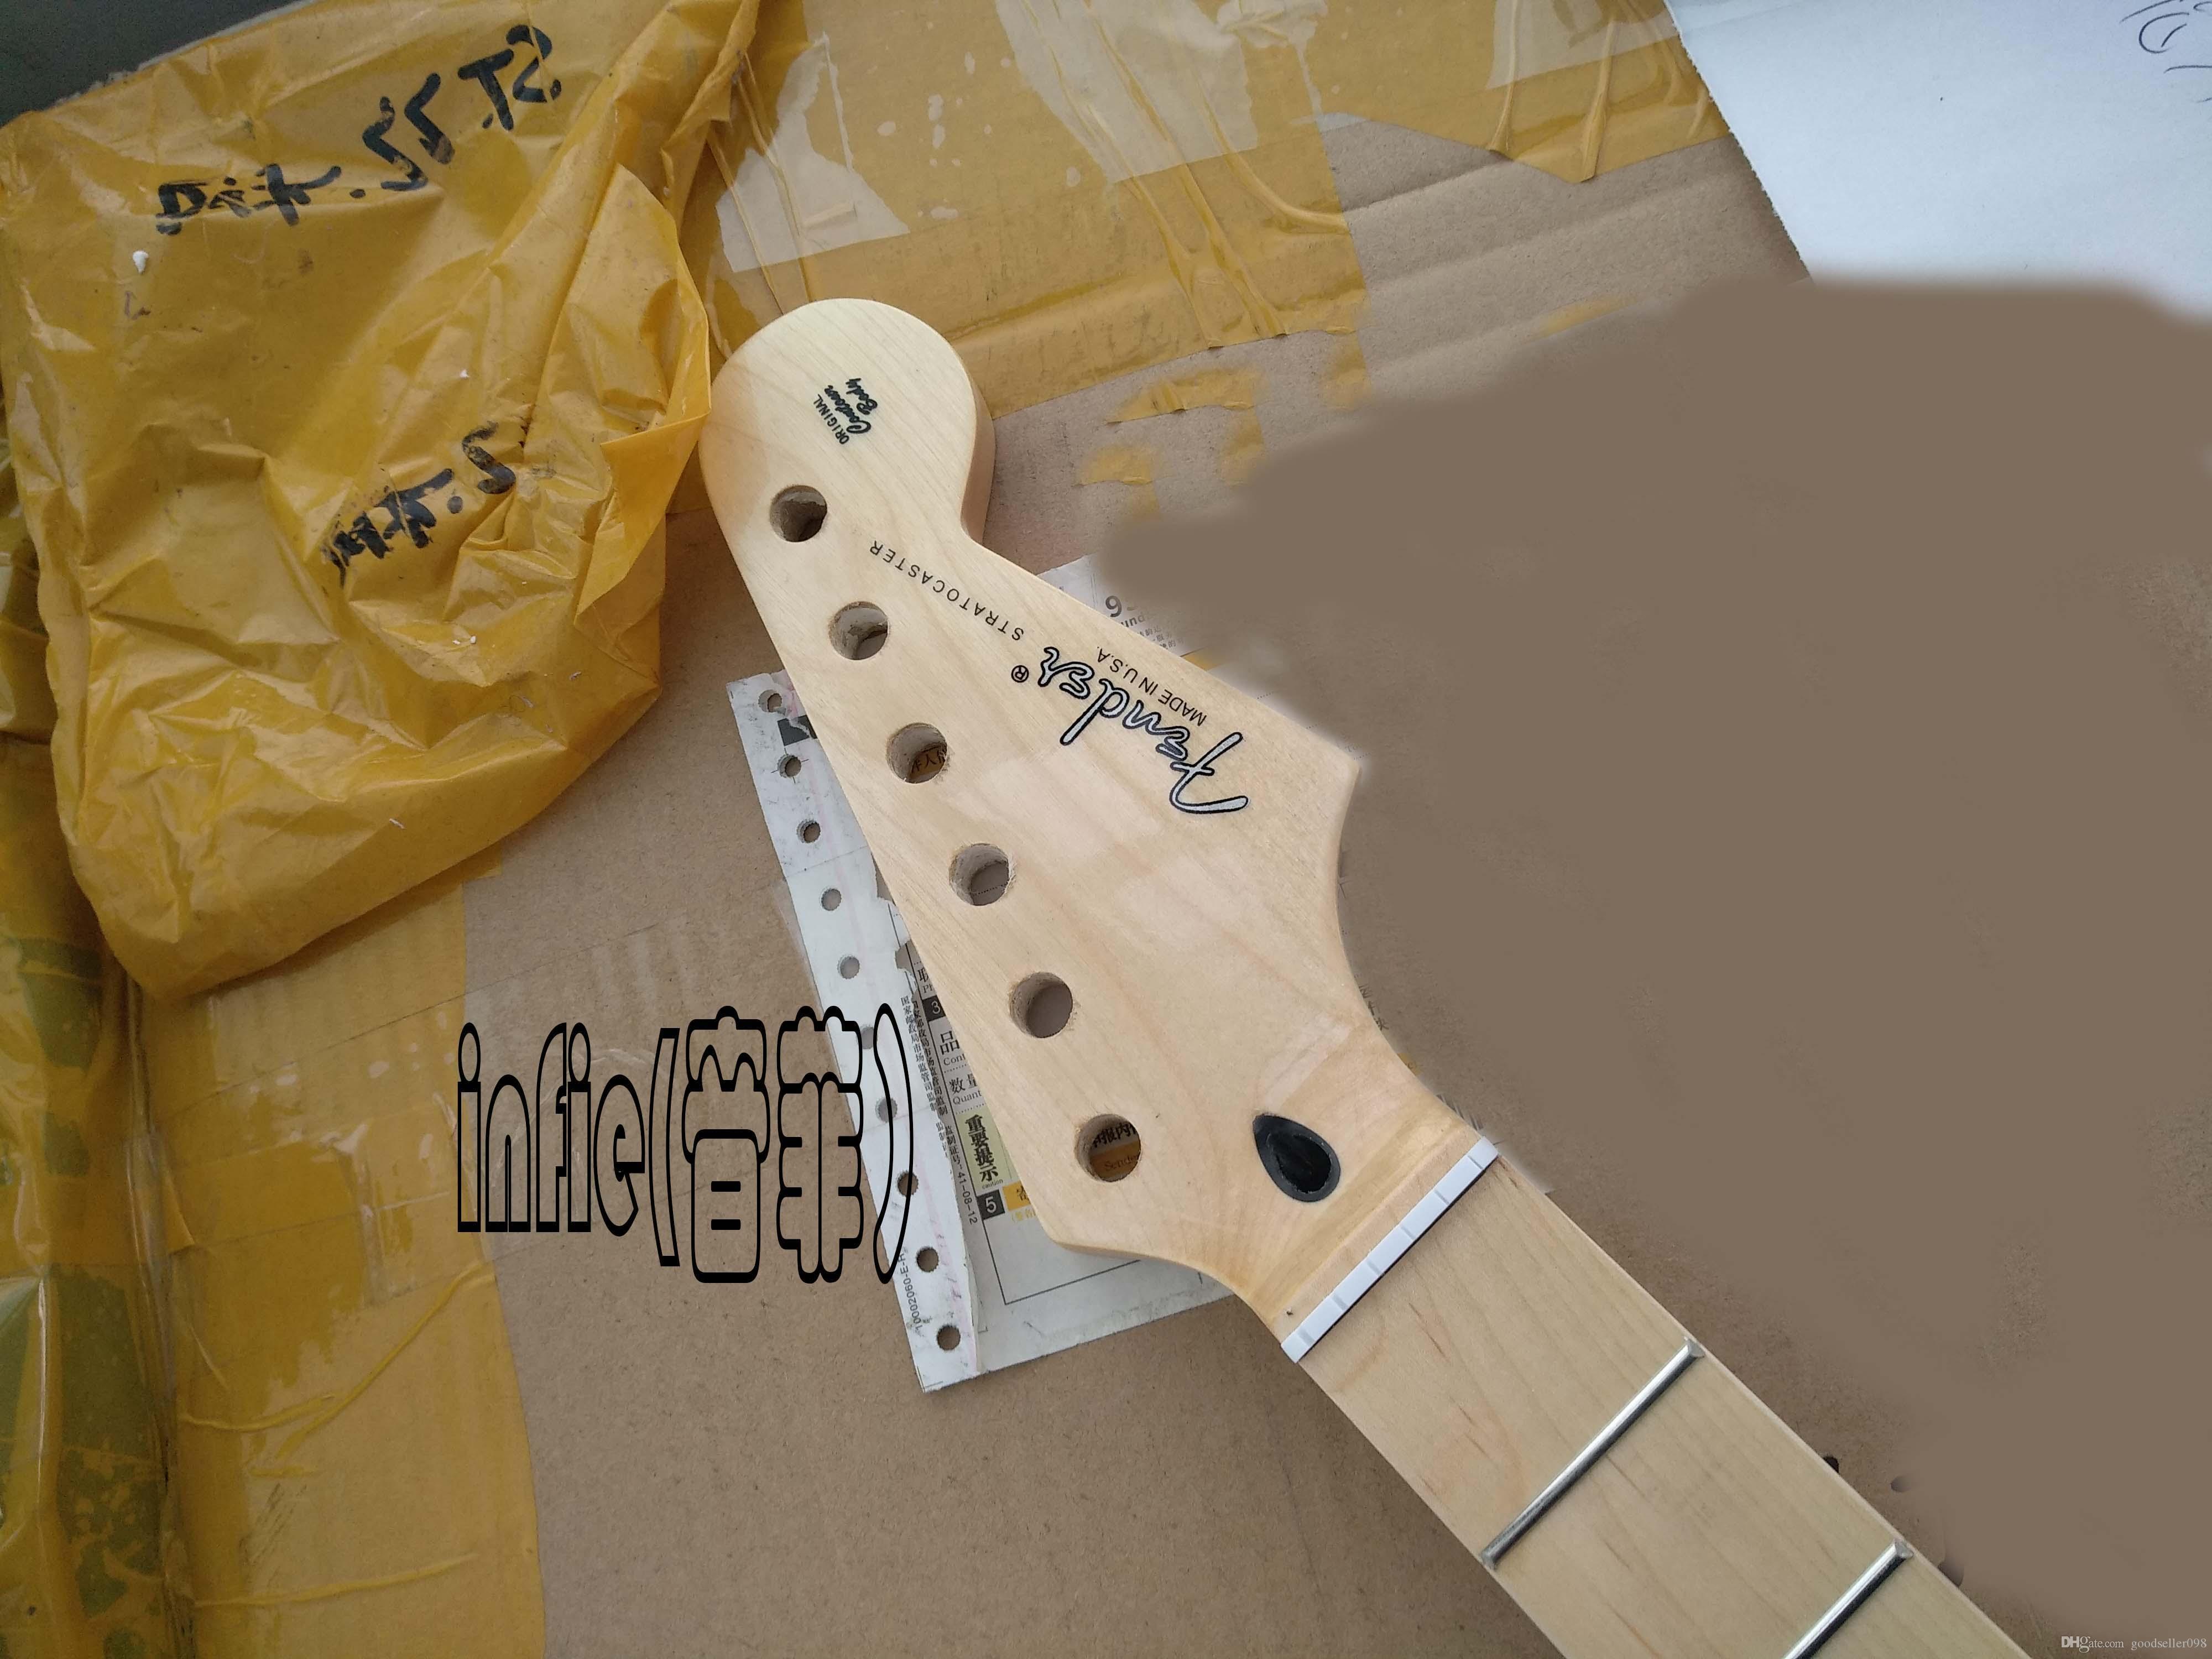 جديد الغيتار الكهربائي 21 22 القيقب ستراتوكاستر fingerplate الورنيش بعد الرقبة حزام الغيتار في الأوراق المالية